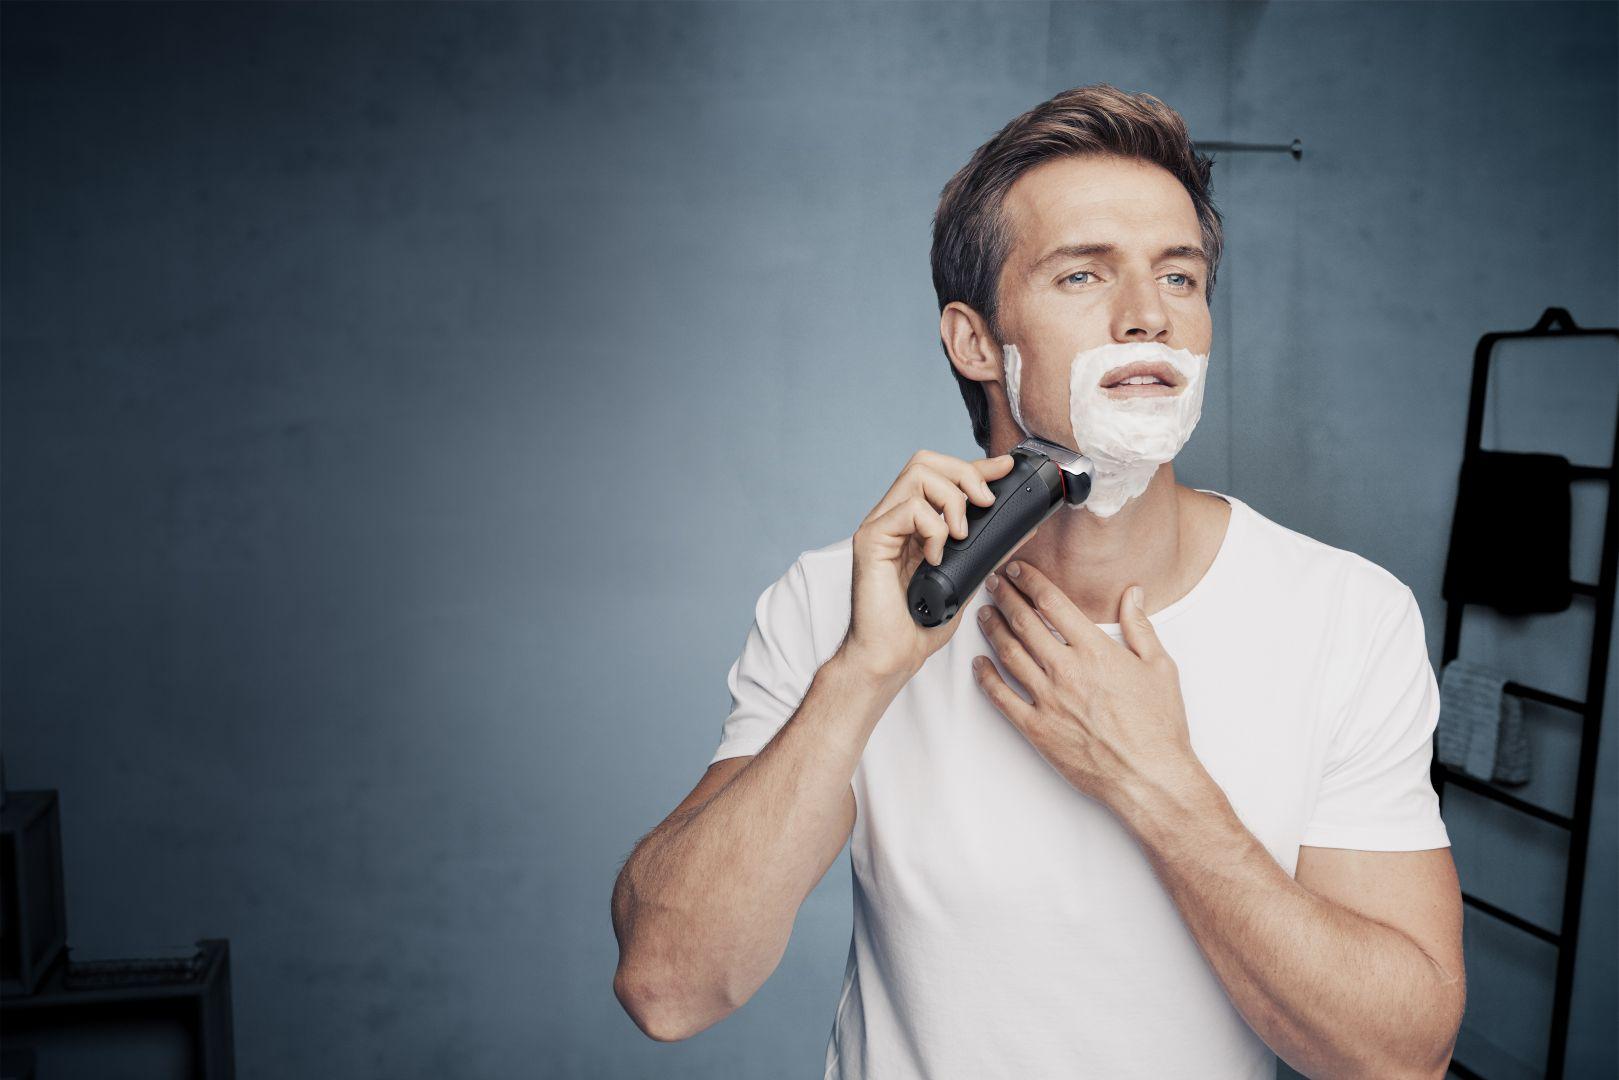 Golarka Series 8 jest wodoodporna - można jej używać do golenia na sucho oraz z pianką lub żelem. Fot. Braun